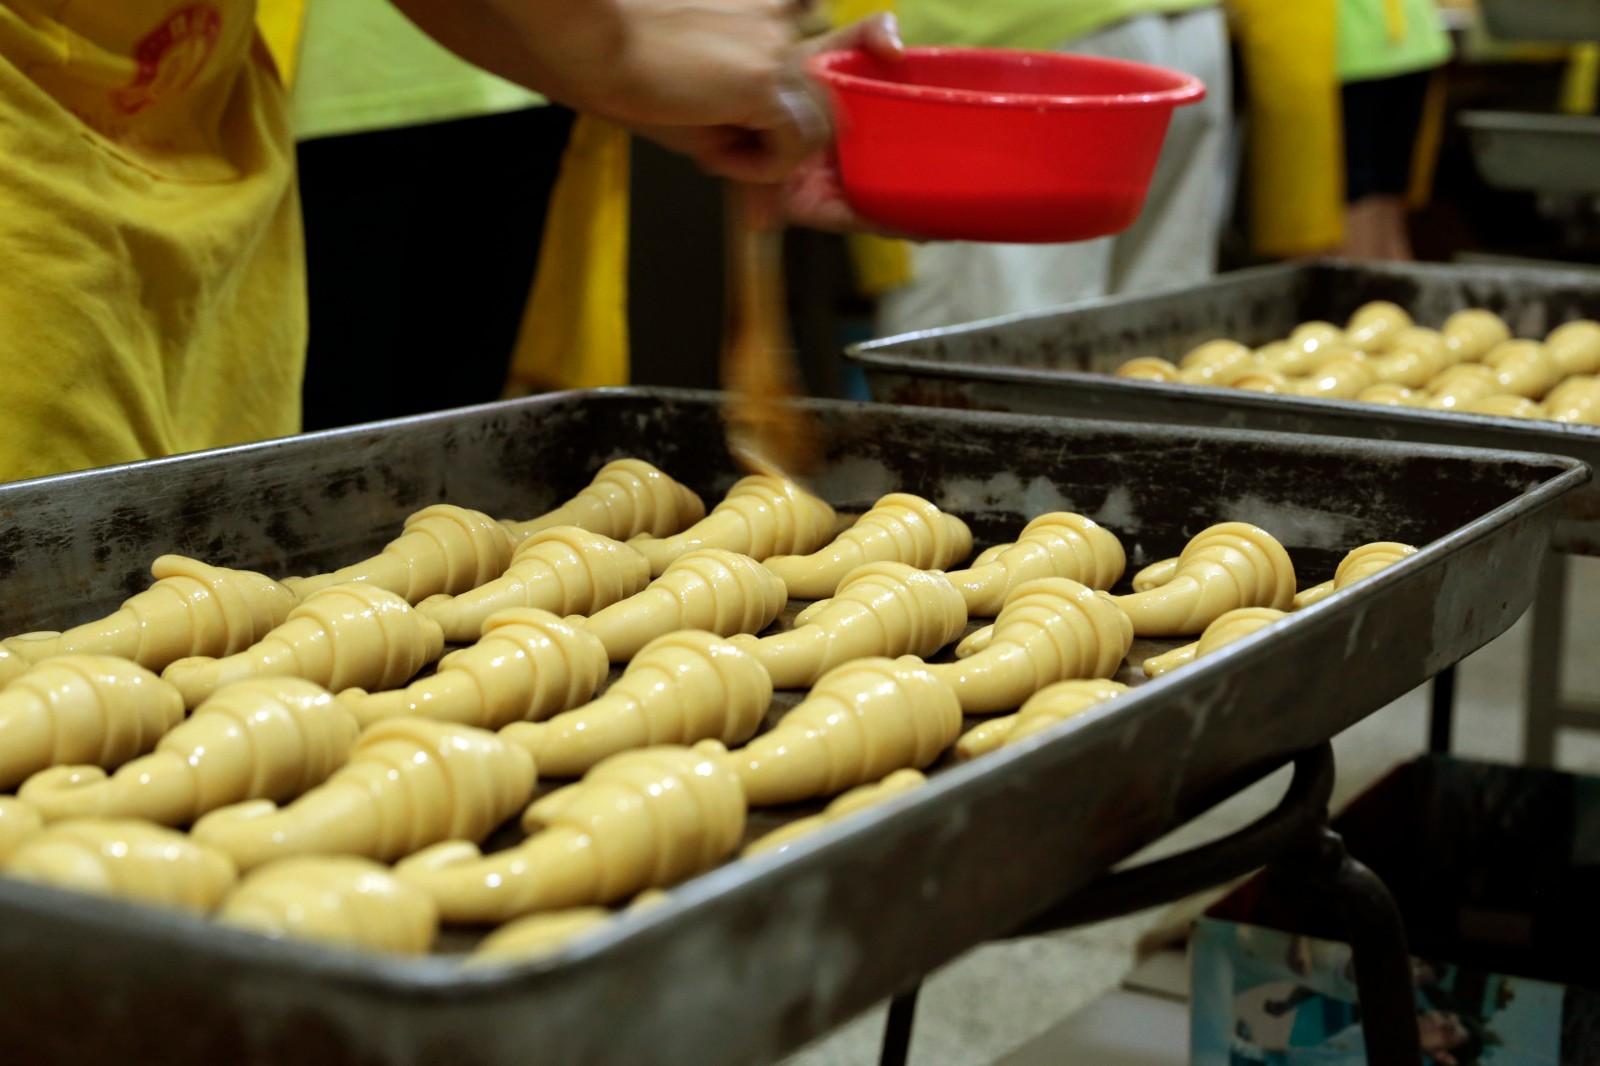 一日職人DIY體驗 - 三峽製餅職人 | 甘樂文創 | 甘之如飴,樂在其中